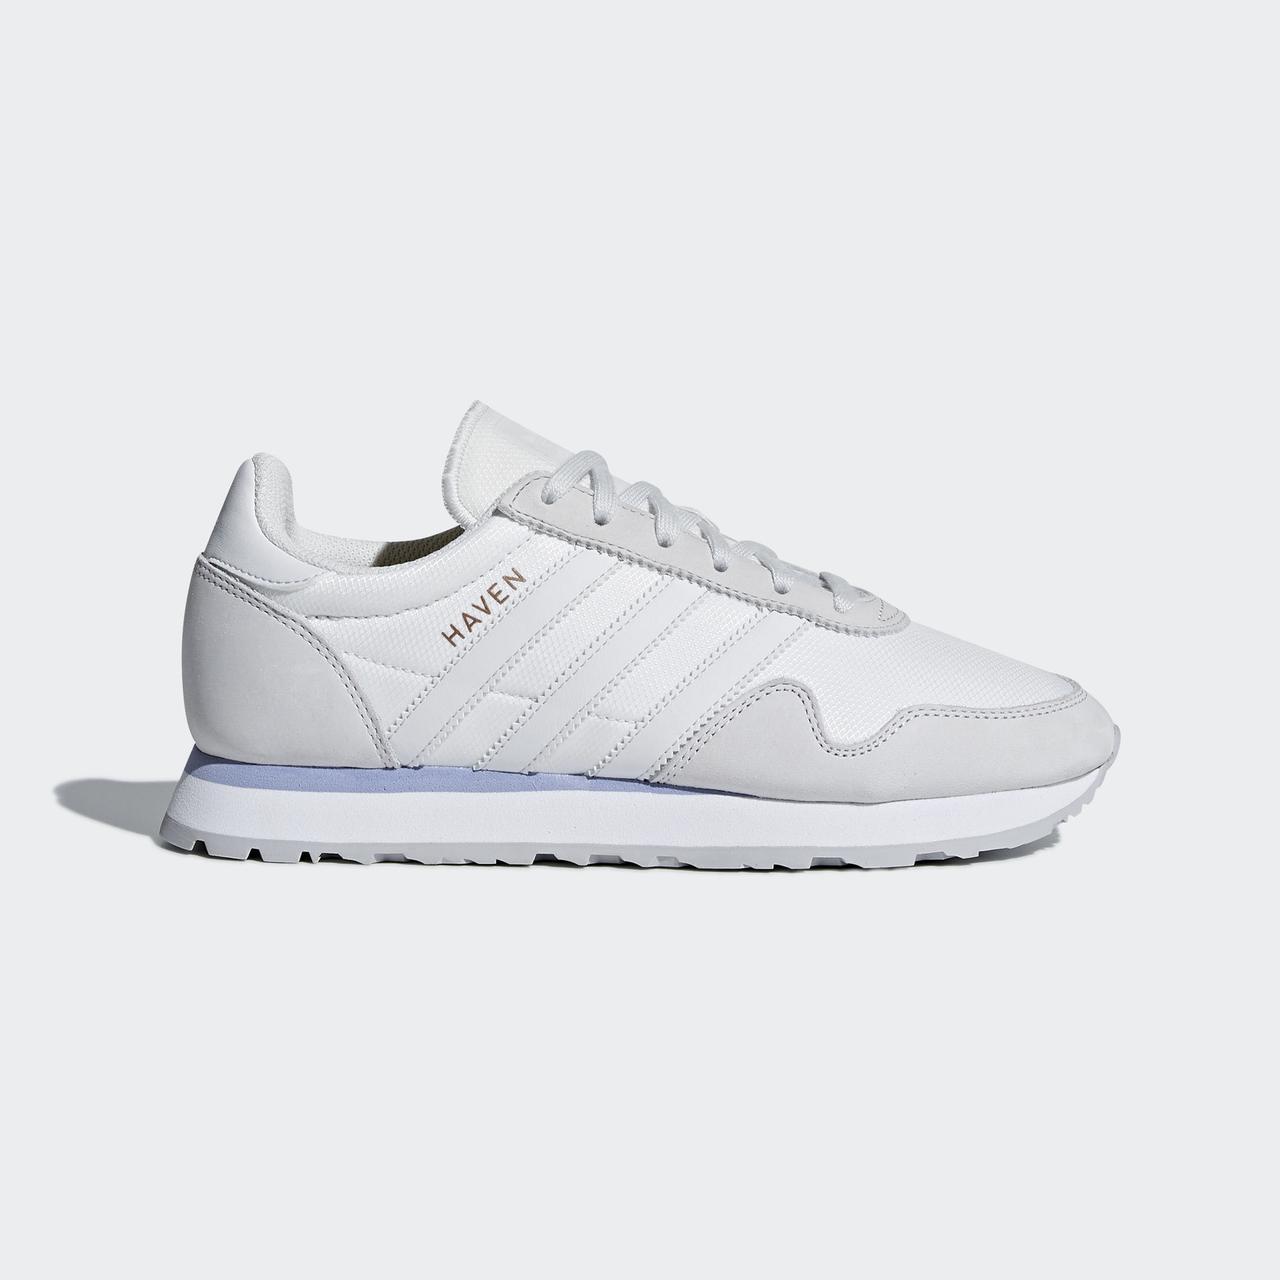 6cf8c6709 Купить Женские кроссовки Adidas Originals Haven (Артикул: CQ2523) в ...